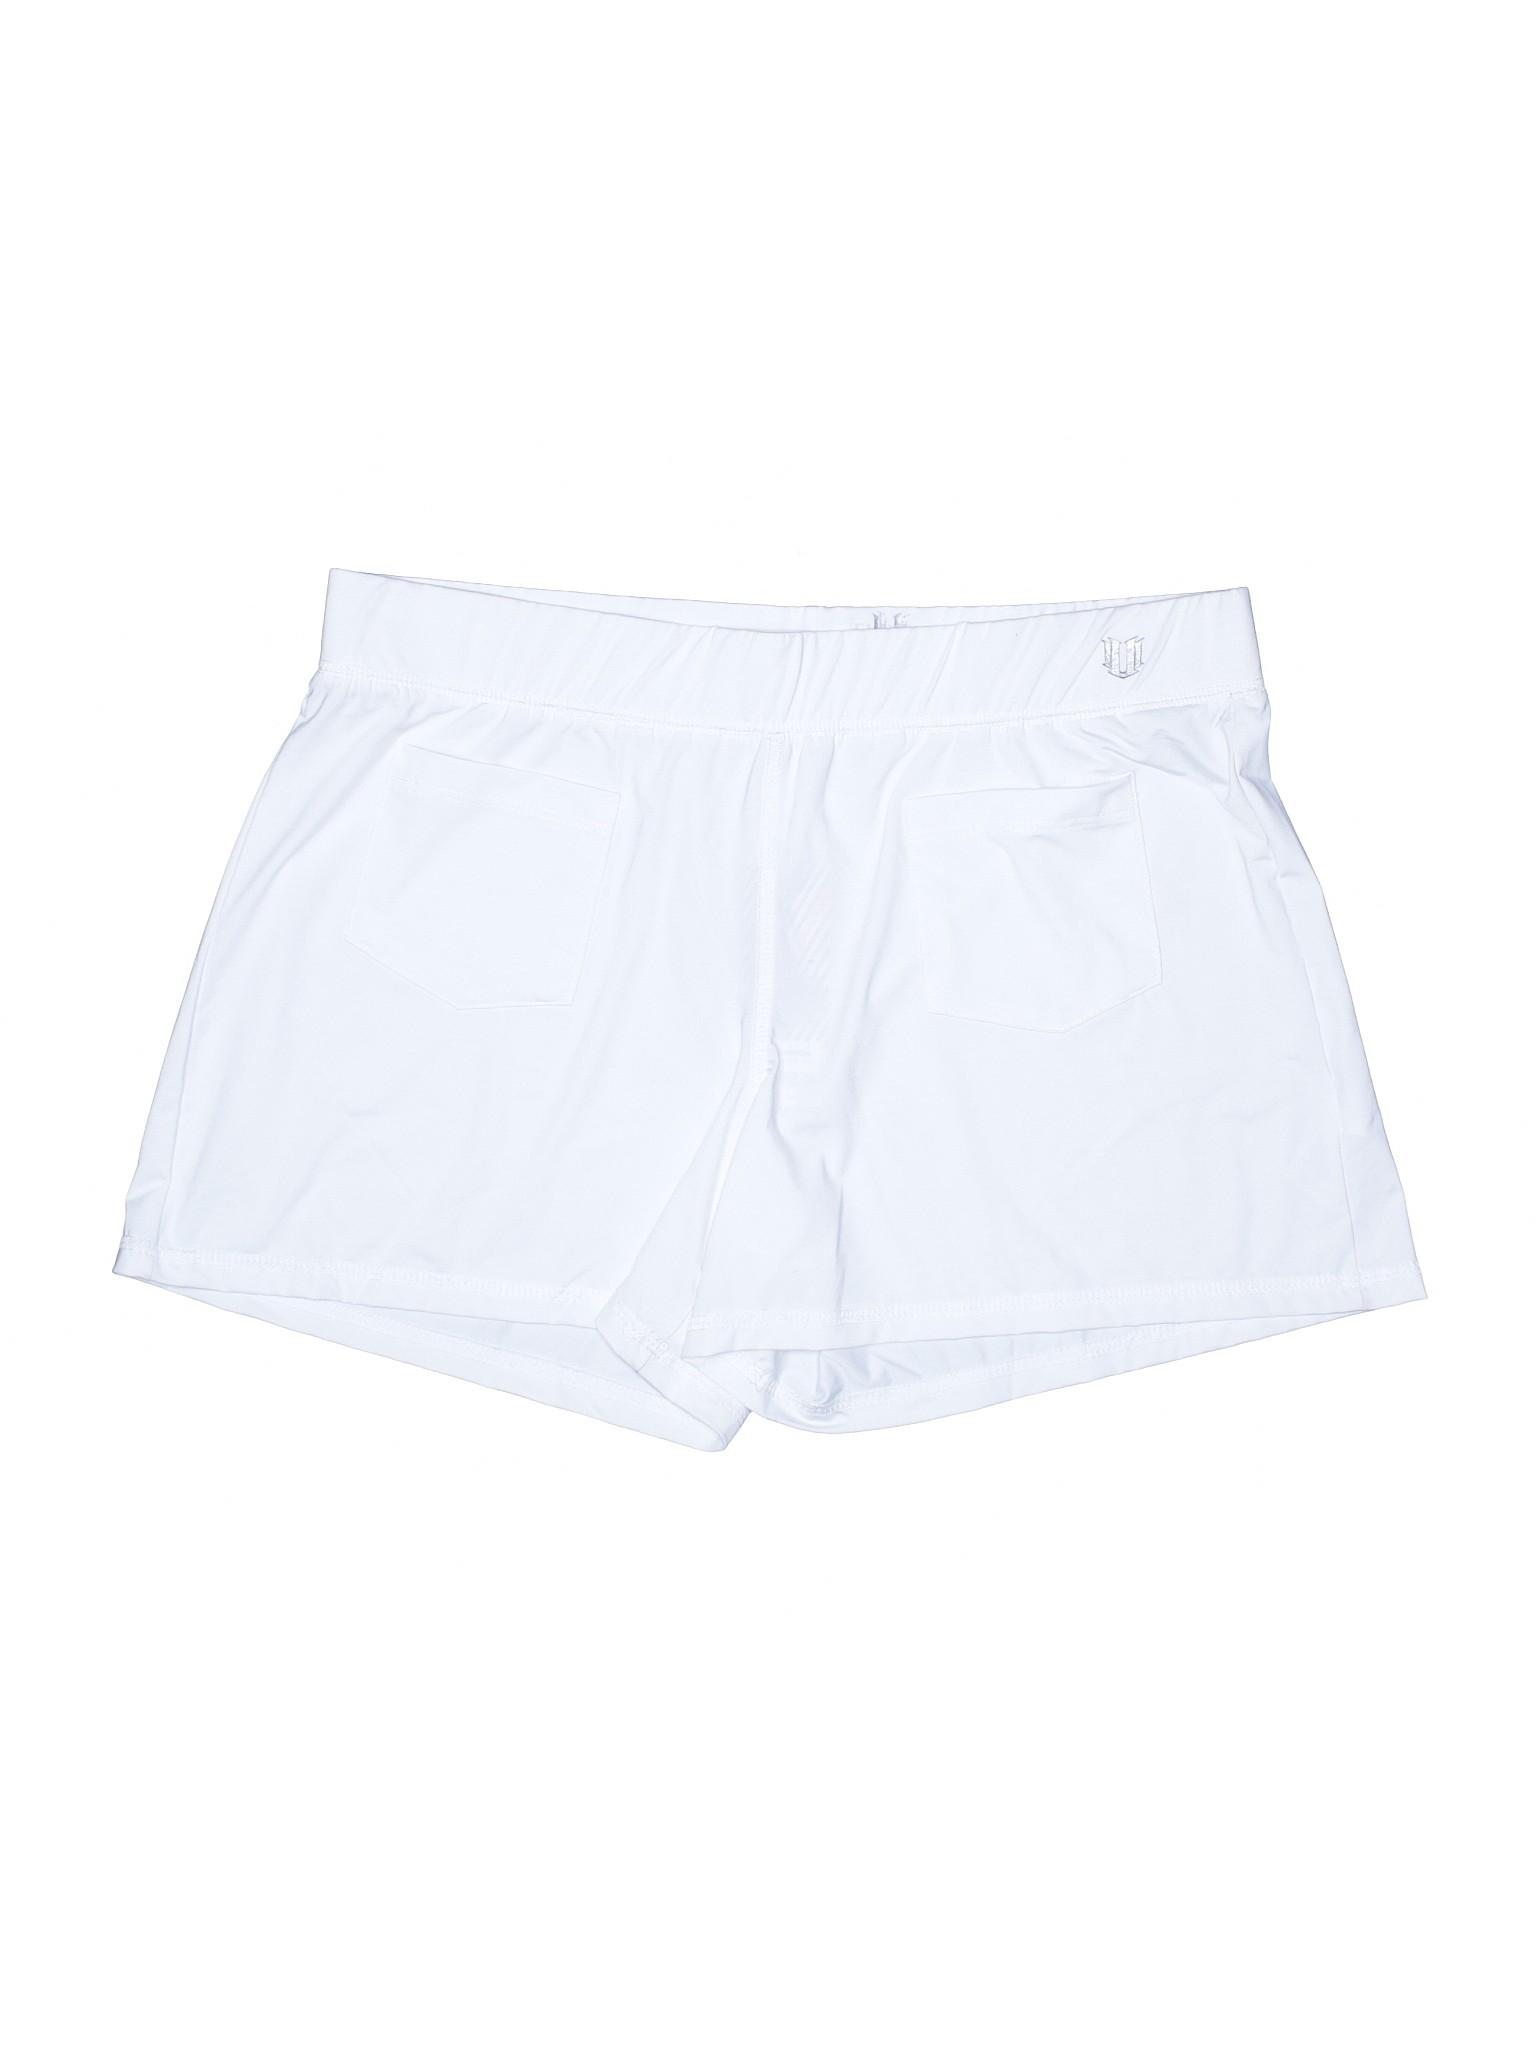 Boutique Williams Eleven Shorts Athletic Venus by r7rzwqP